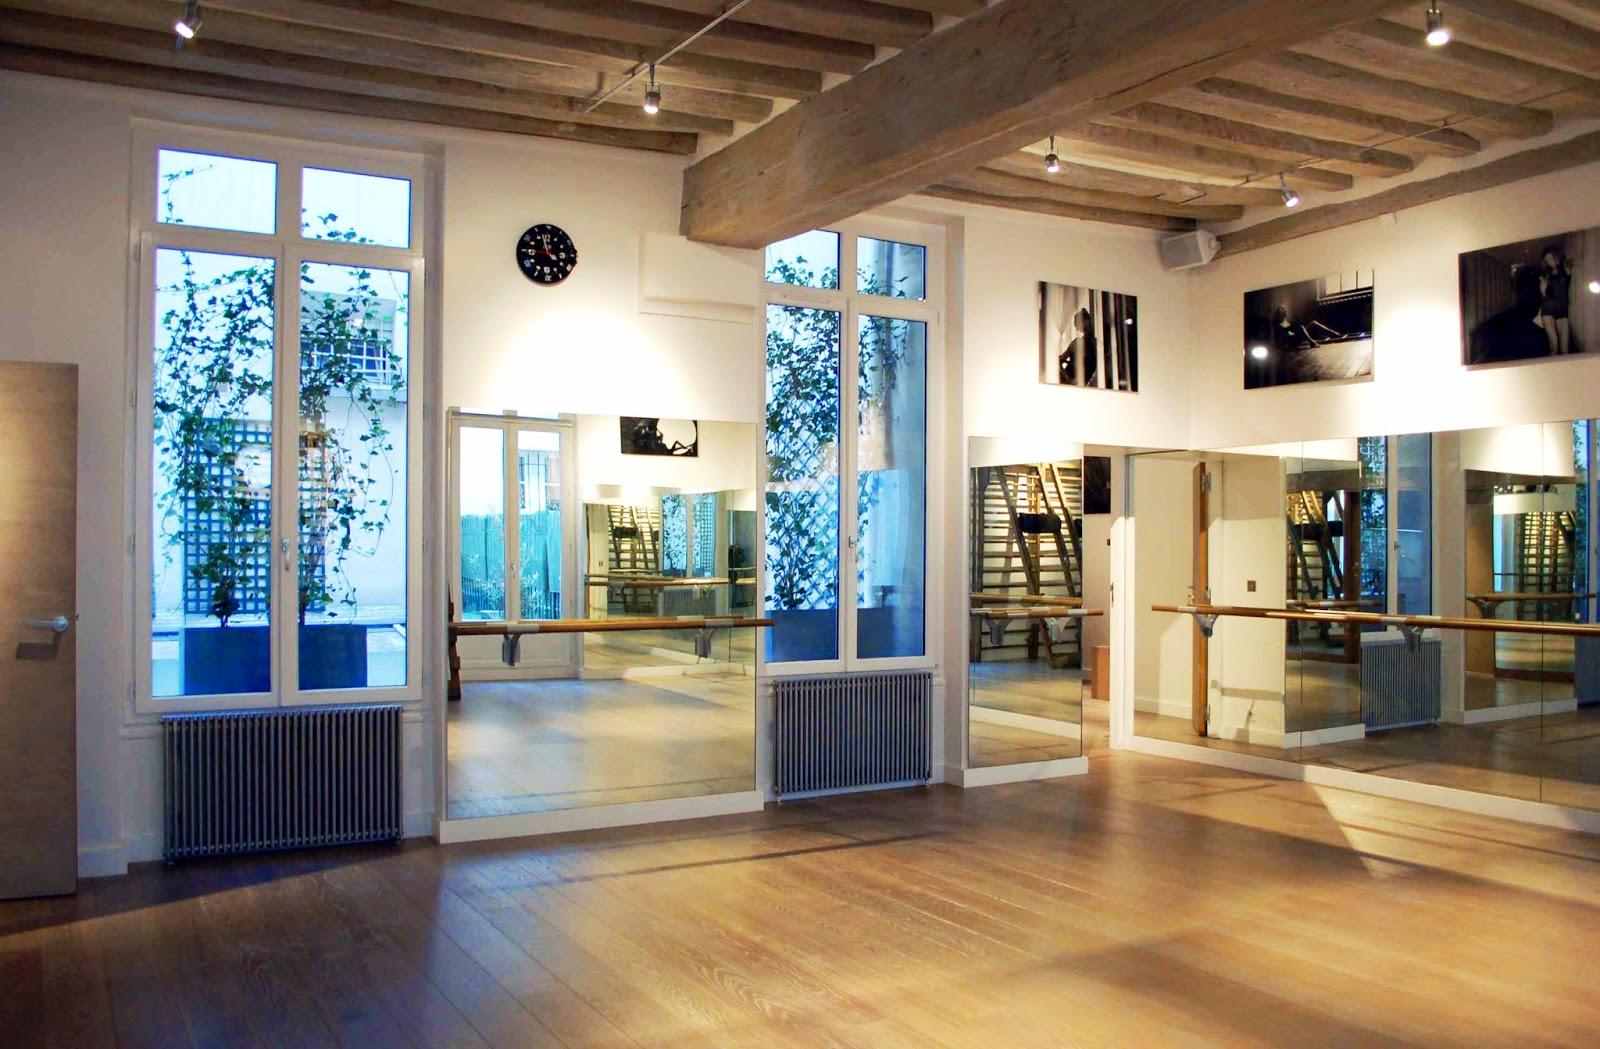 studio de yoga paris 6e richard tolouie architectes. Black Bedroom Furniture Sets. Home Design Ideas